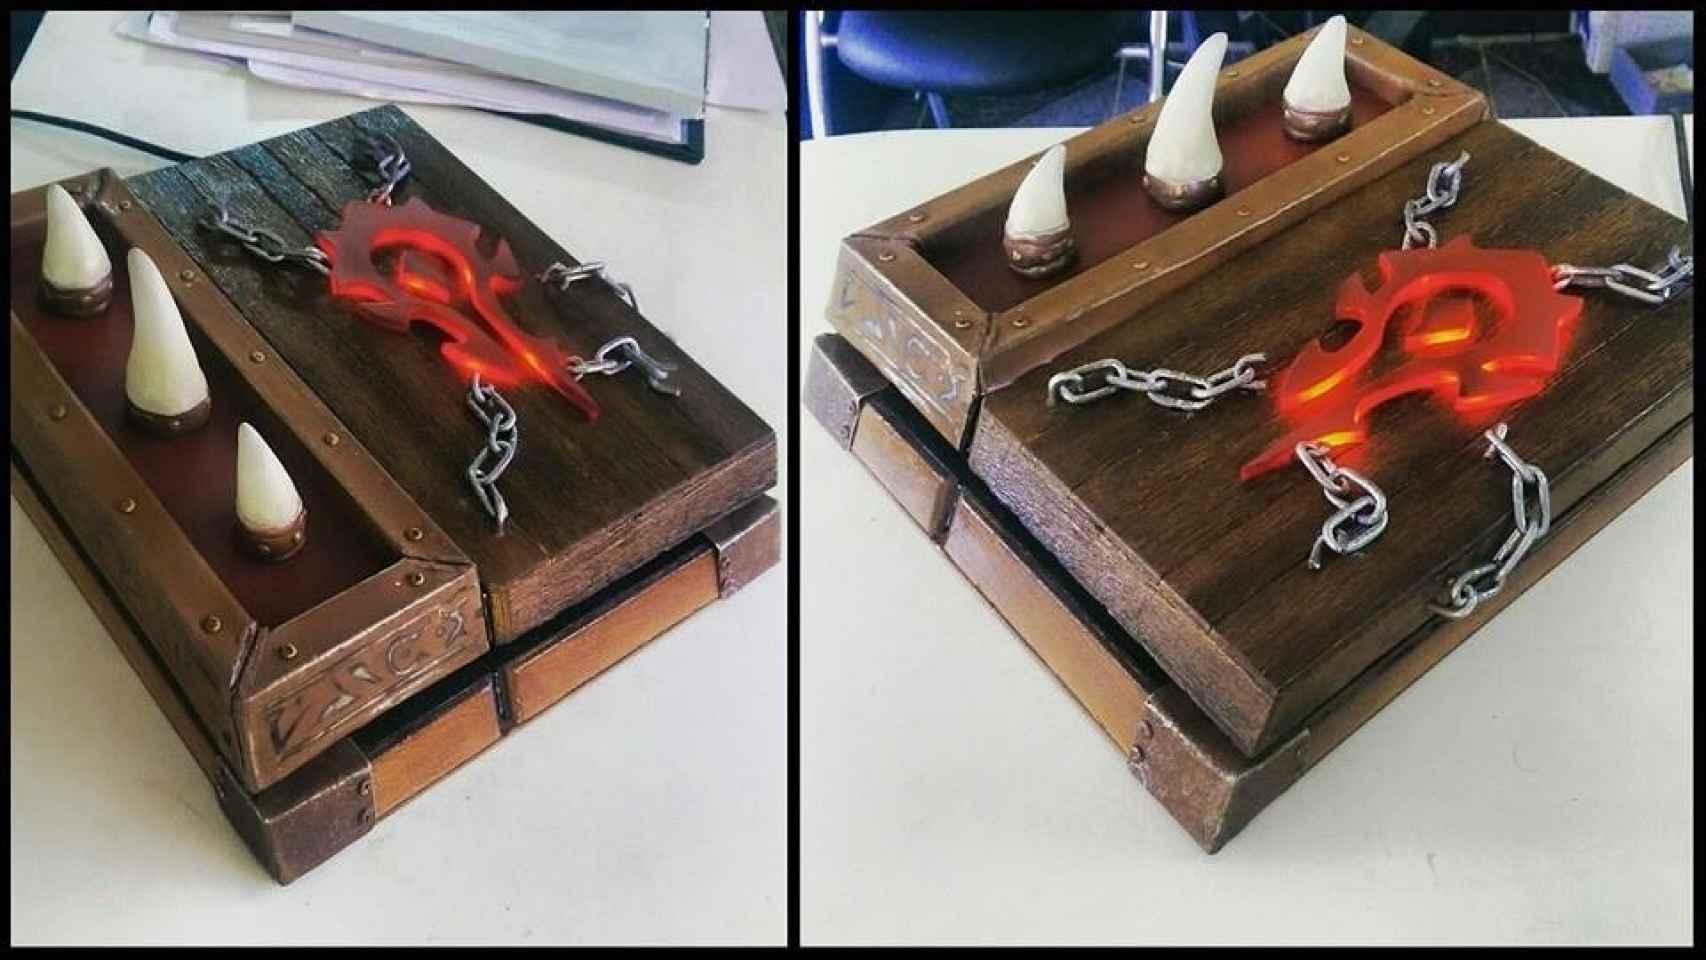 consolas que se transforman en objetos de coleccionista.